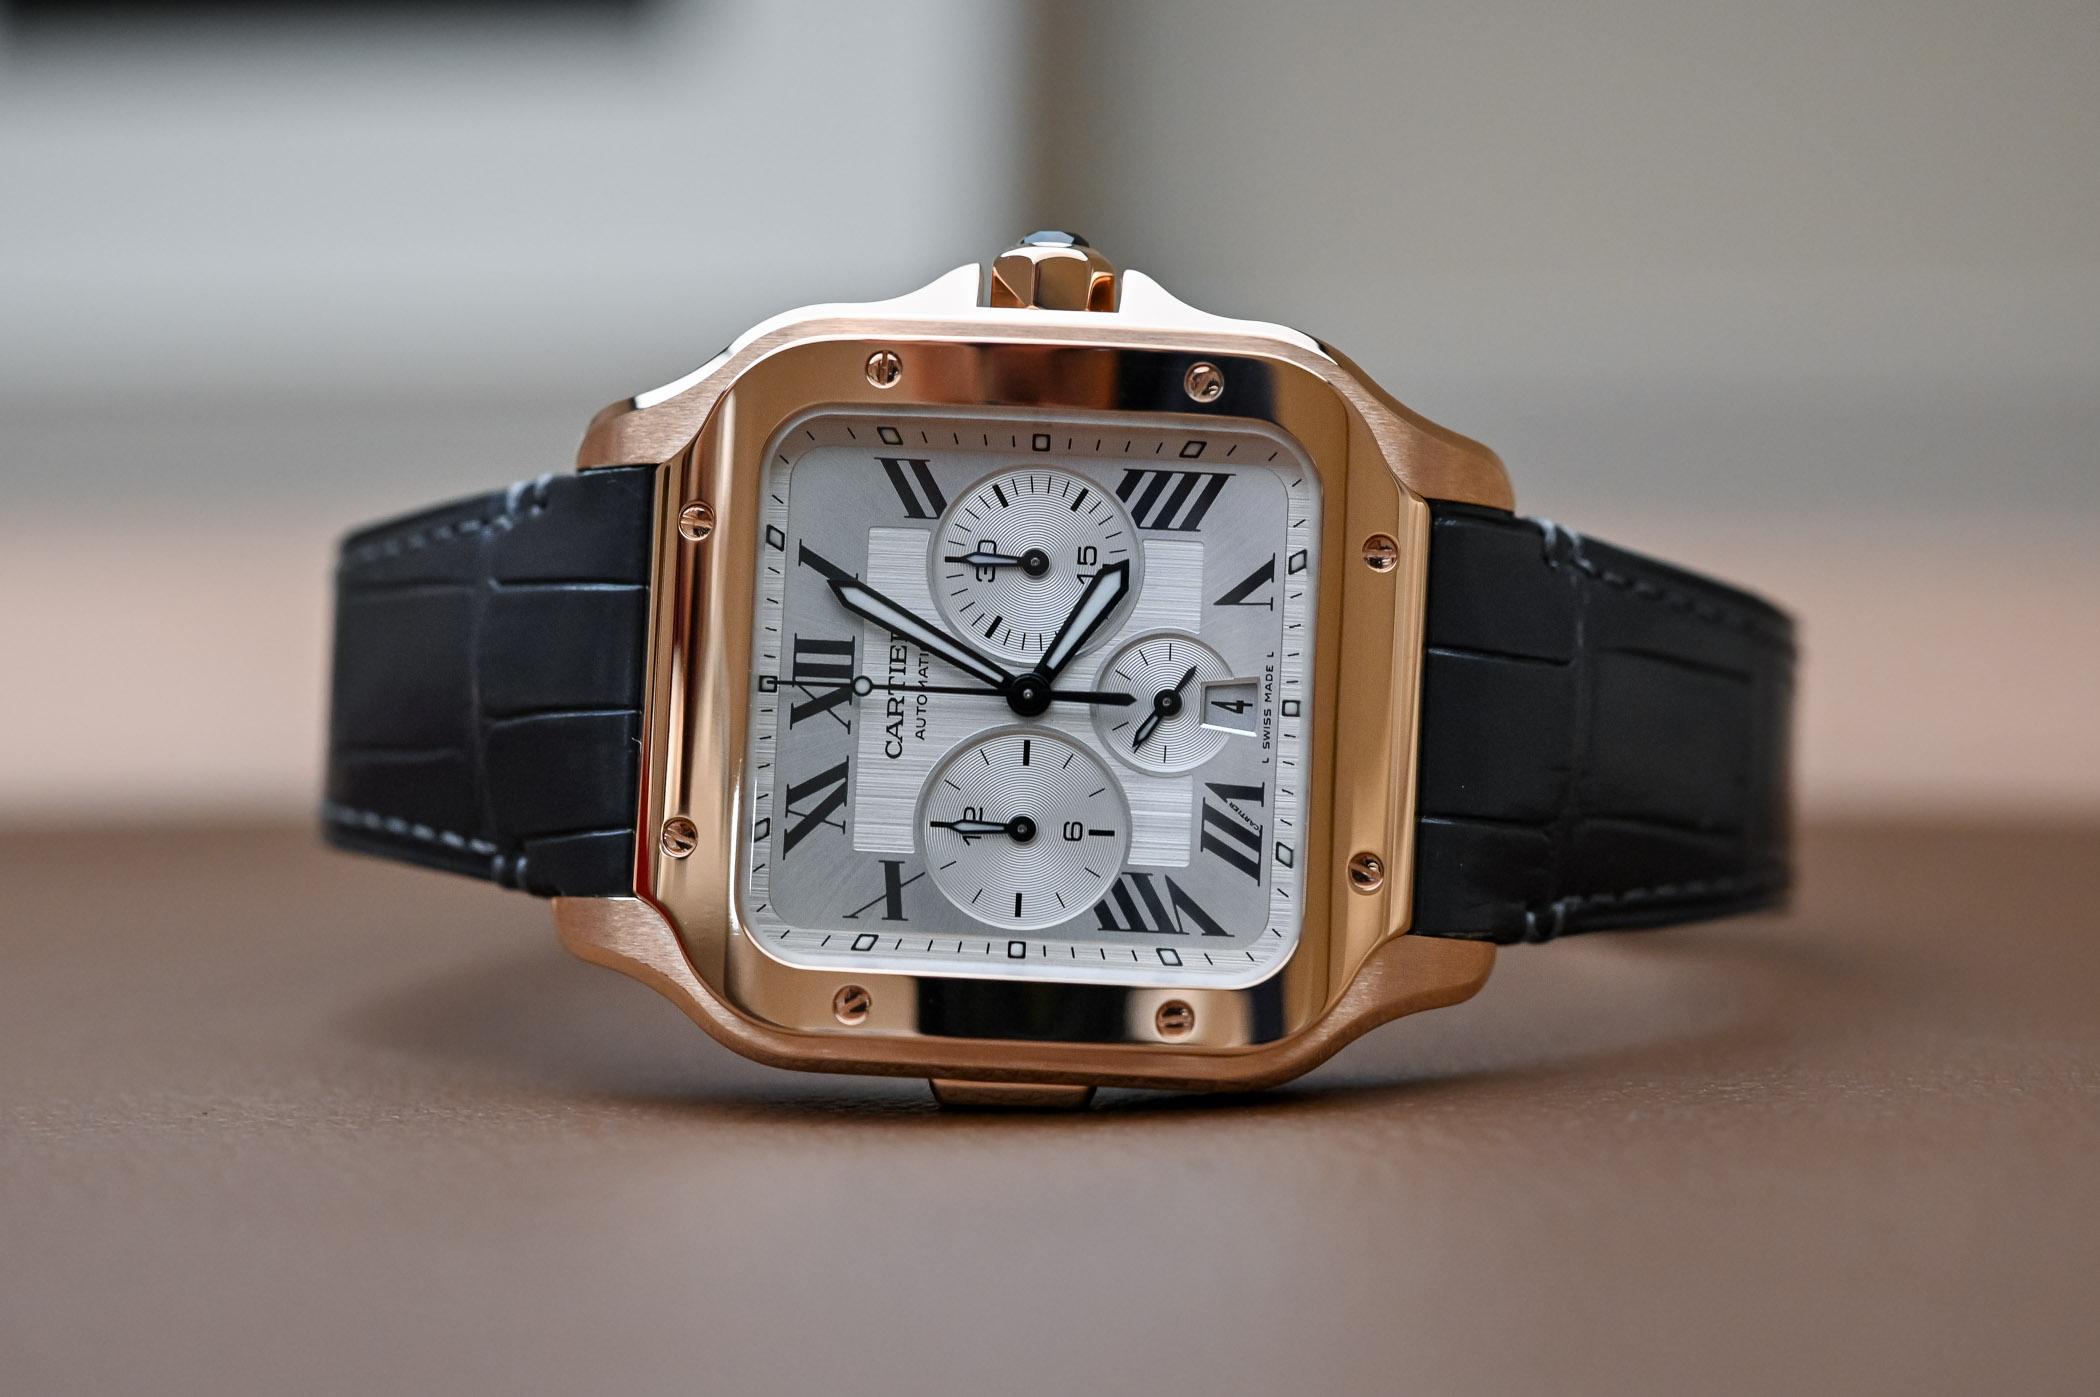 c3bcc87327a5f Hands-On Review - Santos de Cartier Chronograph (SIHH 2019, Specs ...